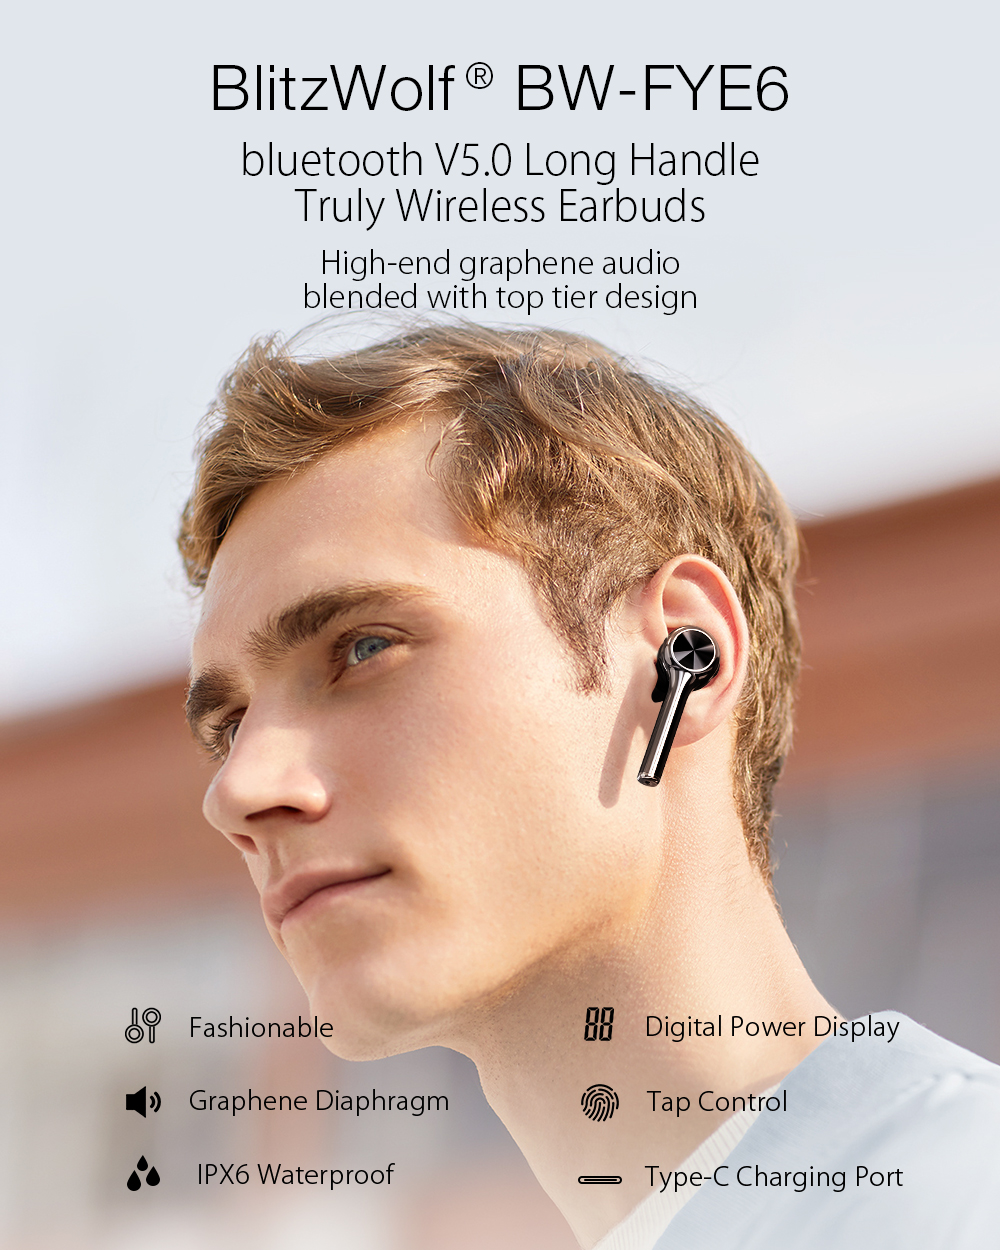 Blitzwolf BW-FYE6 אוזניות הבלוטות' האלחוטיות החדשות של בליצוולף.